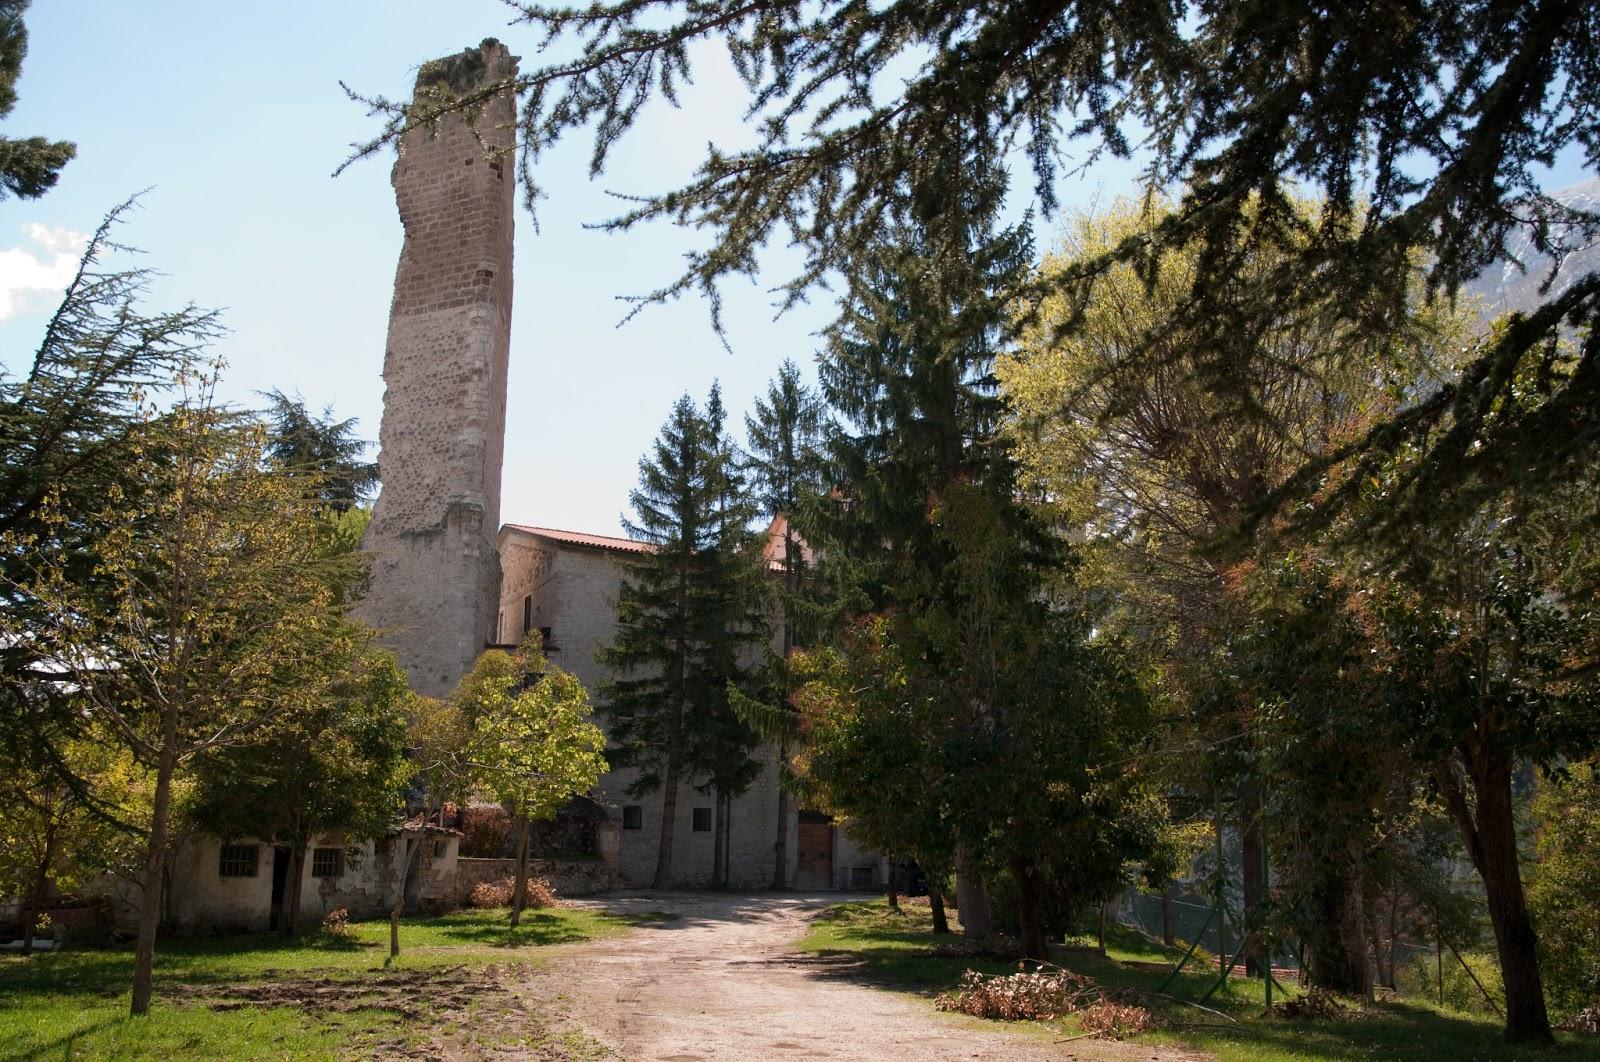 interno-del-castello-normanno-in-anversa-degli-abruzzi